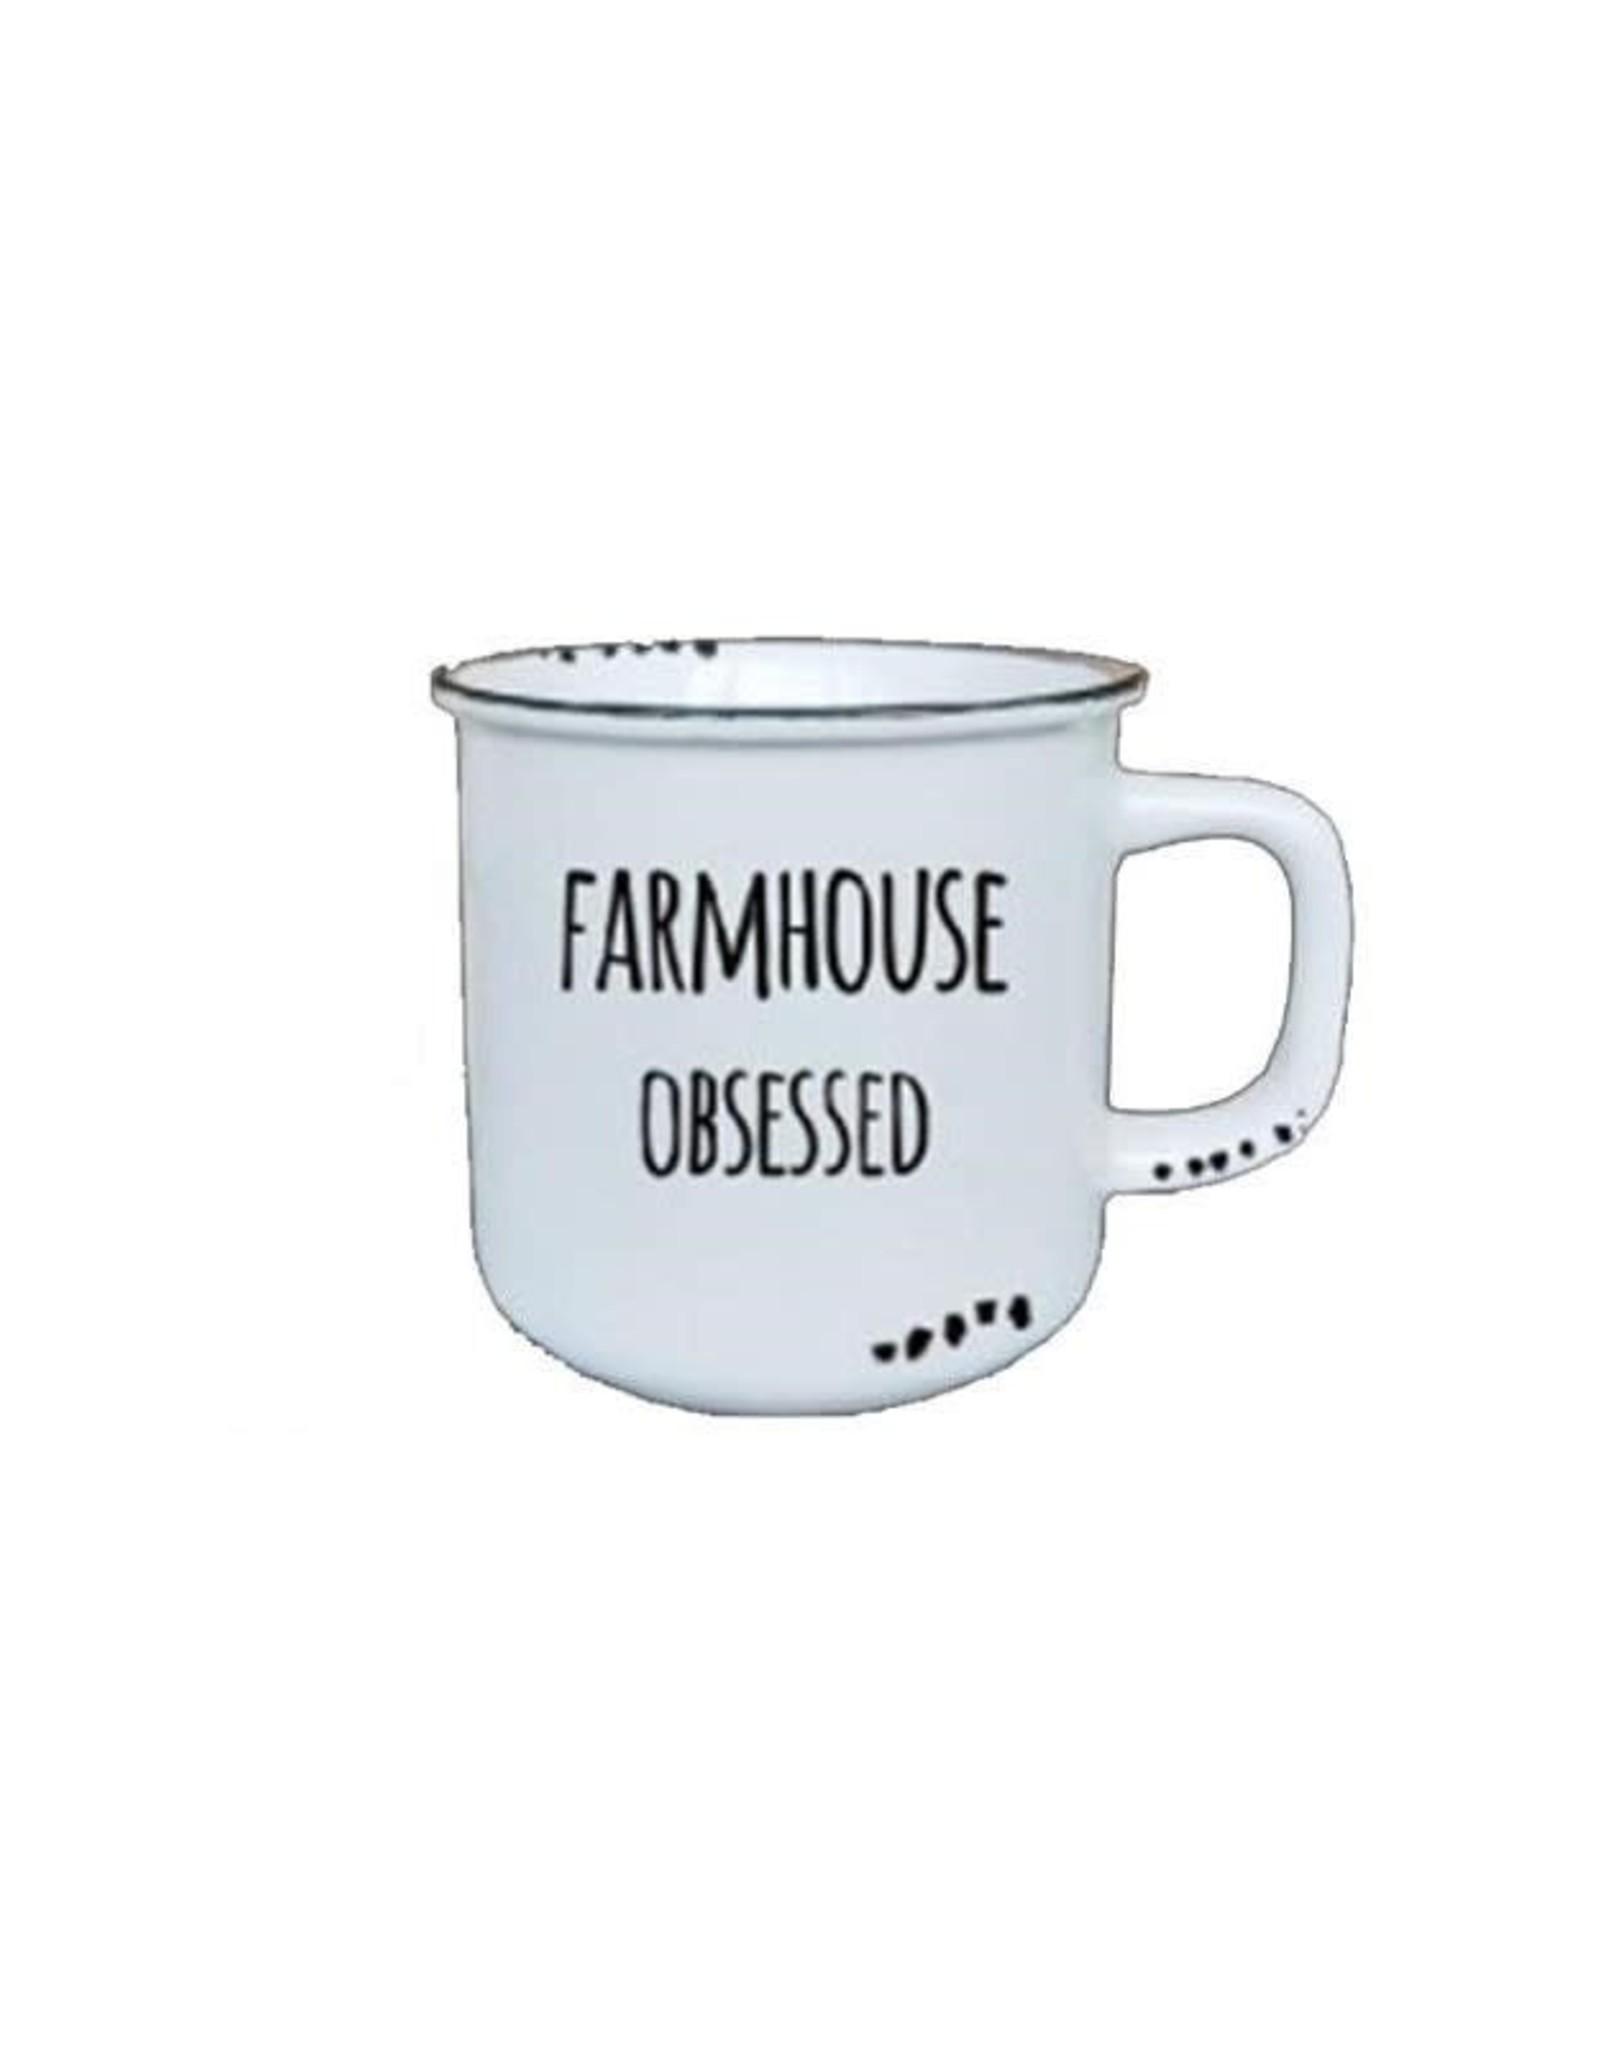 Farmhouse Mug - Farmhouse Obsessed